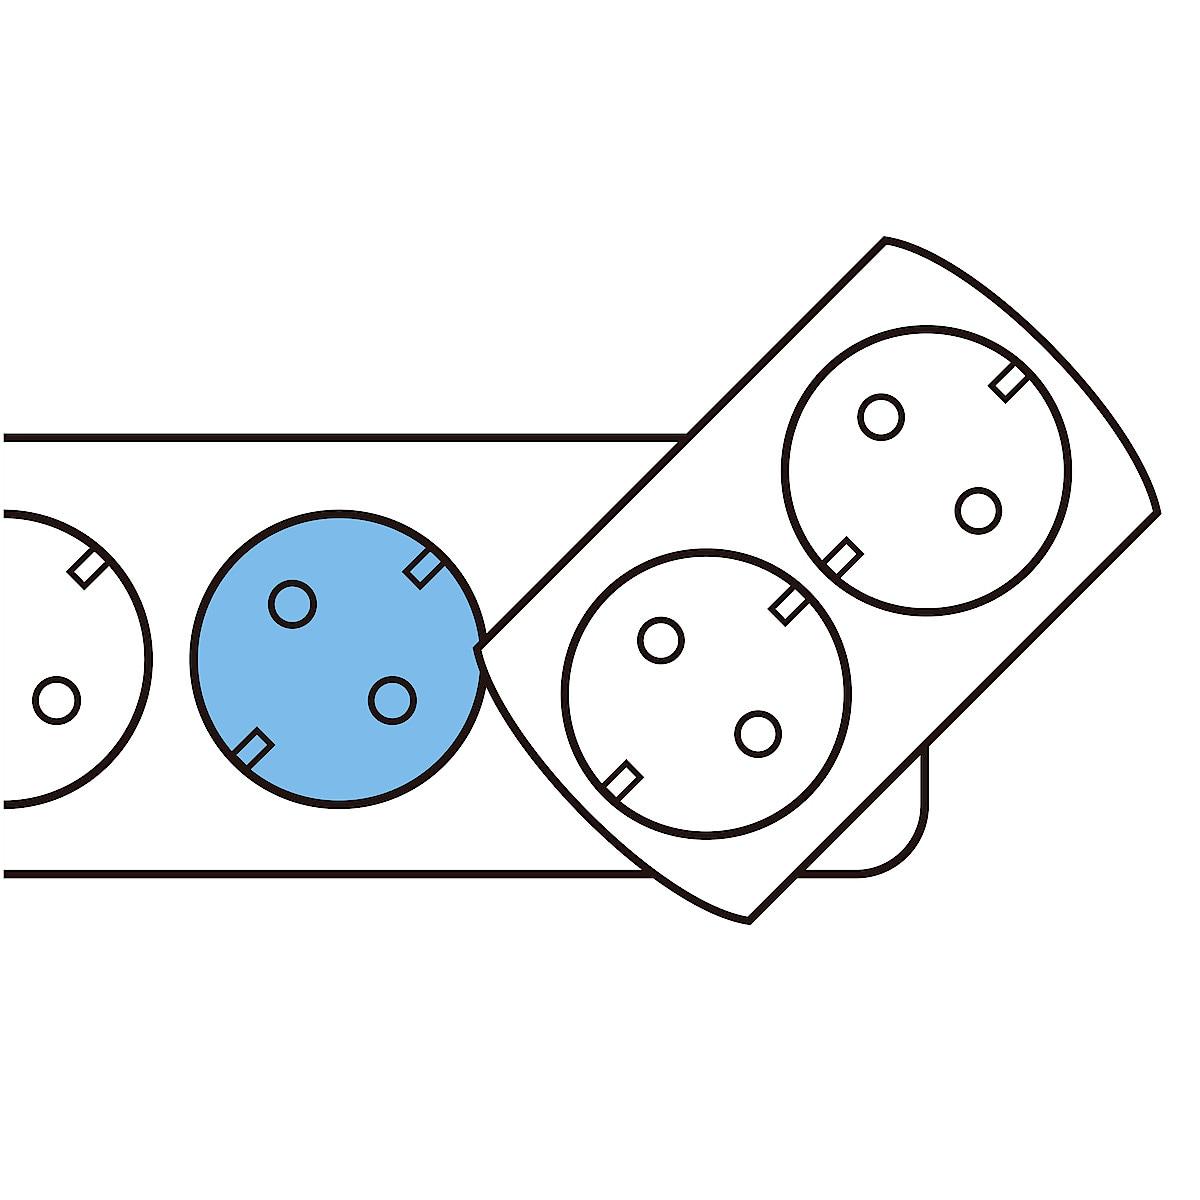 2-osainen haaroitusrasia